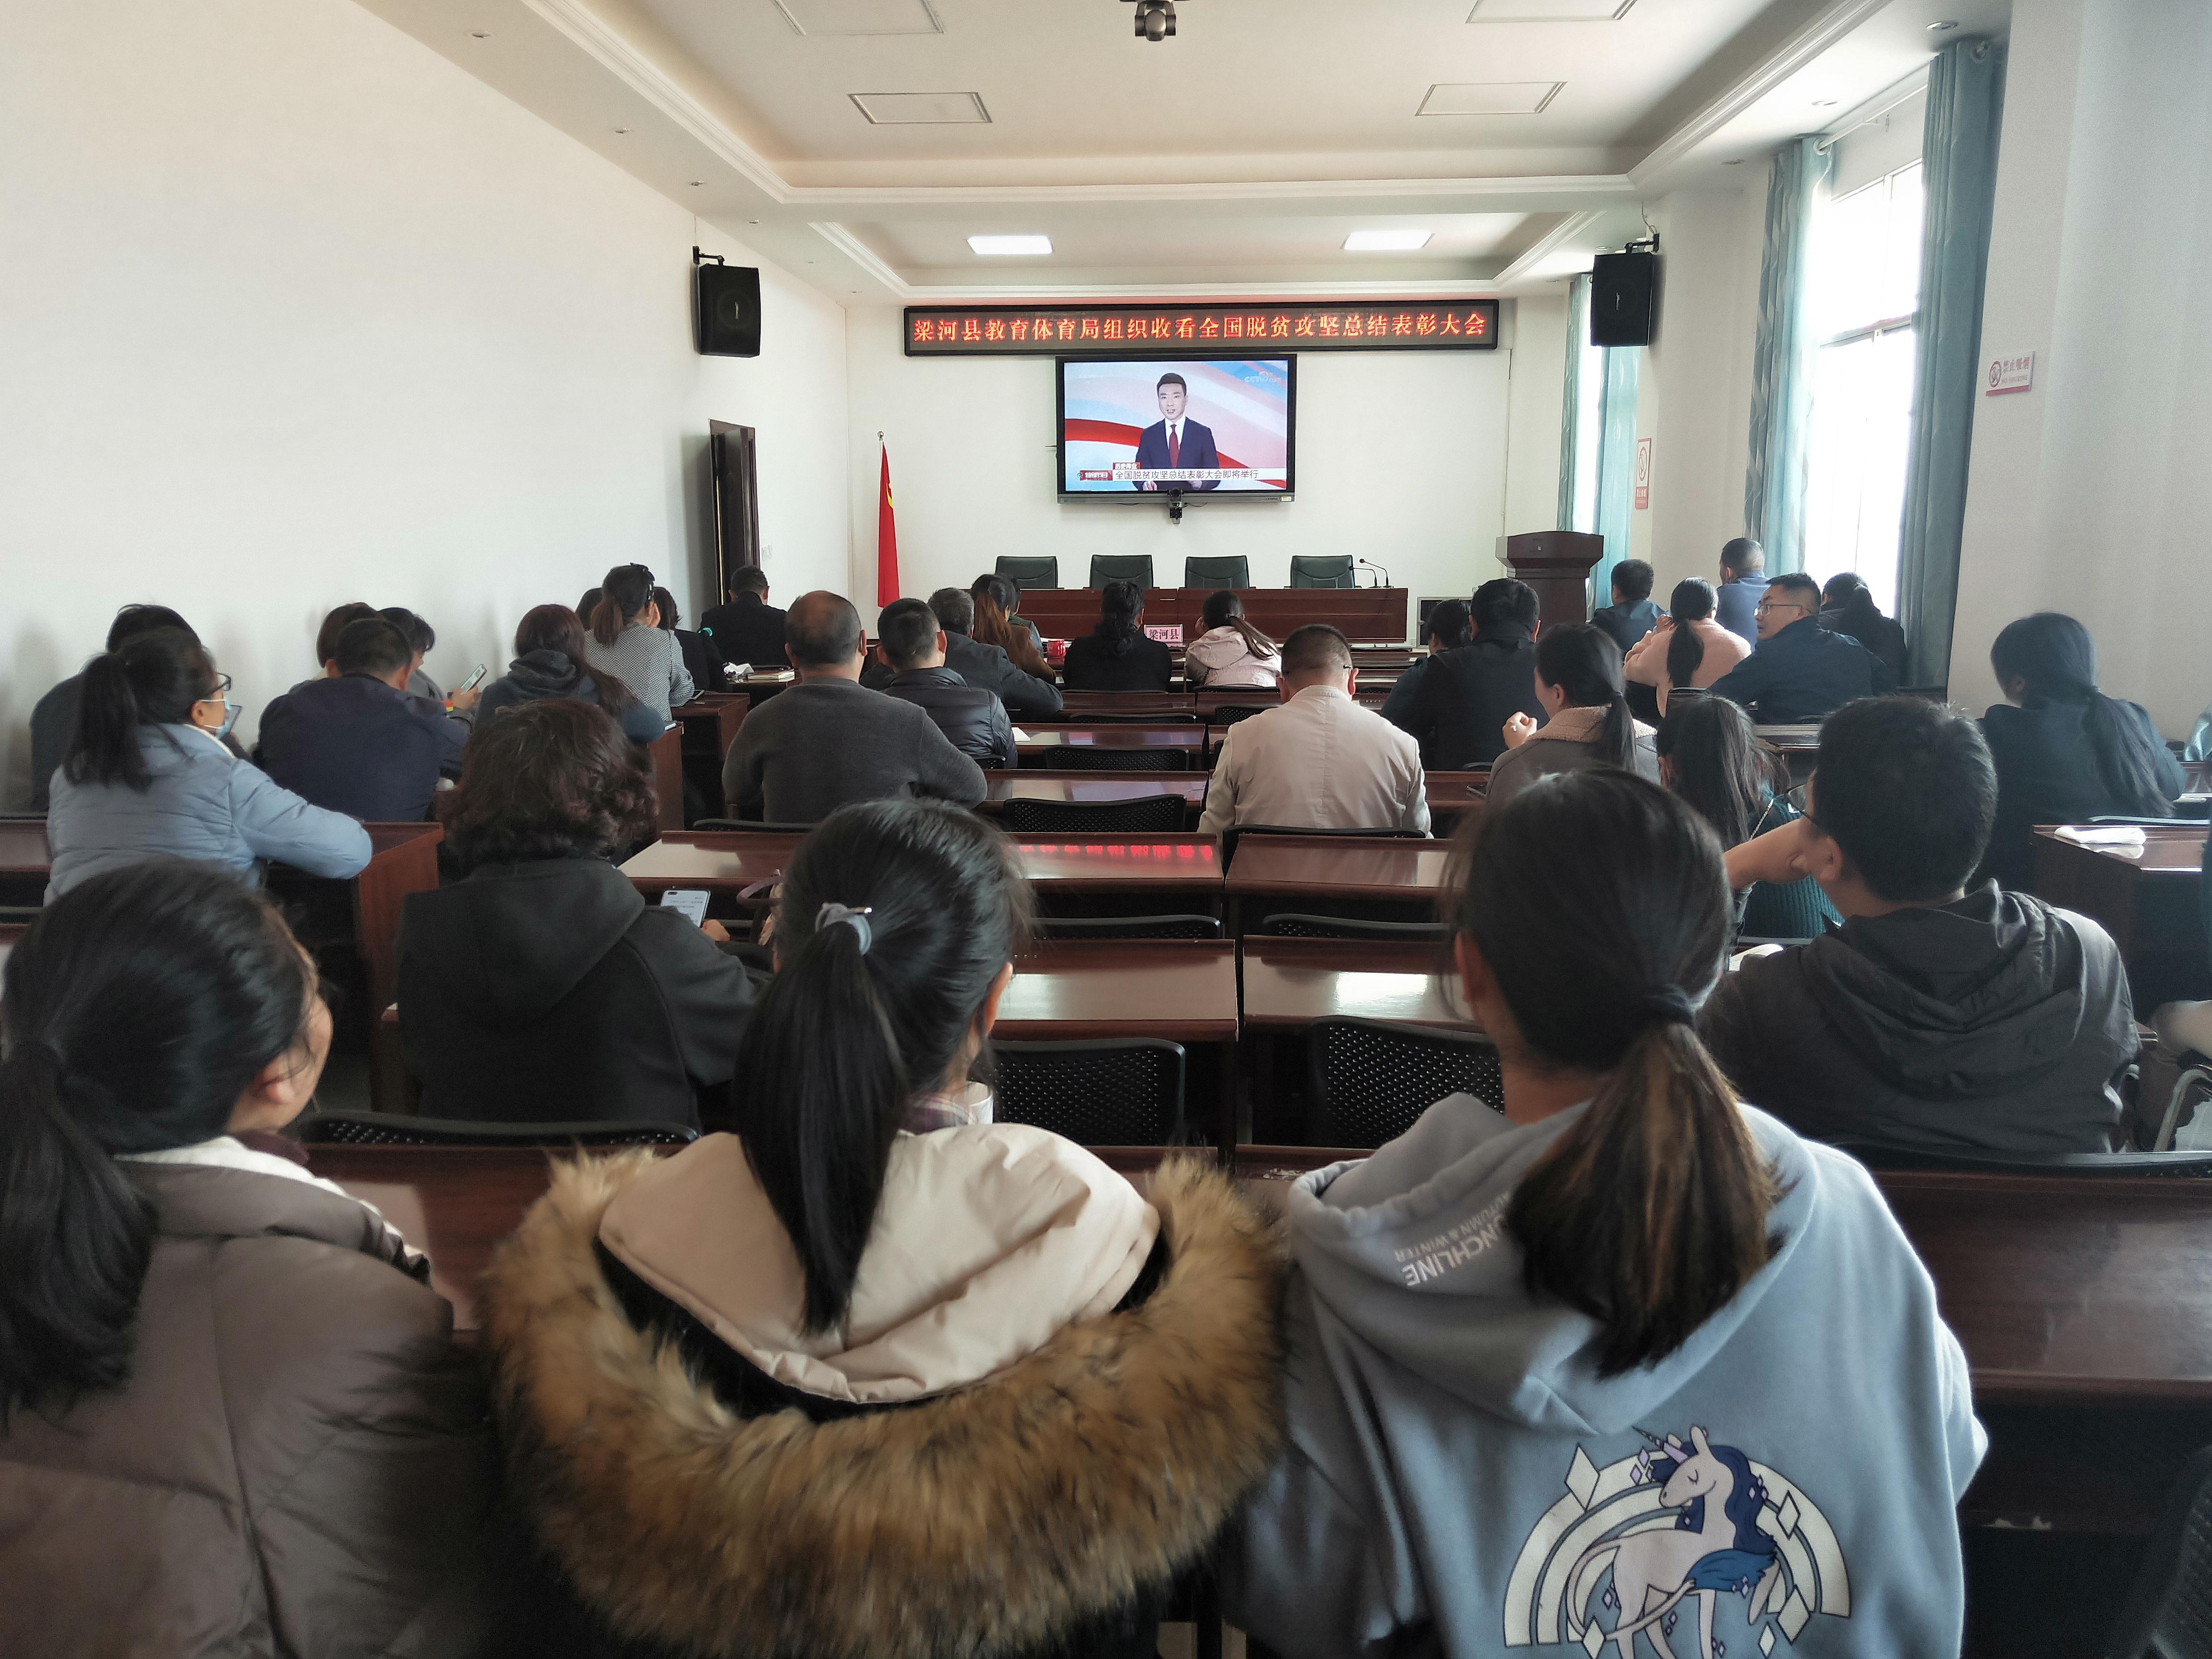 梁河县教育体育局组织全体干部职工收看全国脱贫攻坚总结表彰大会现场直播